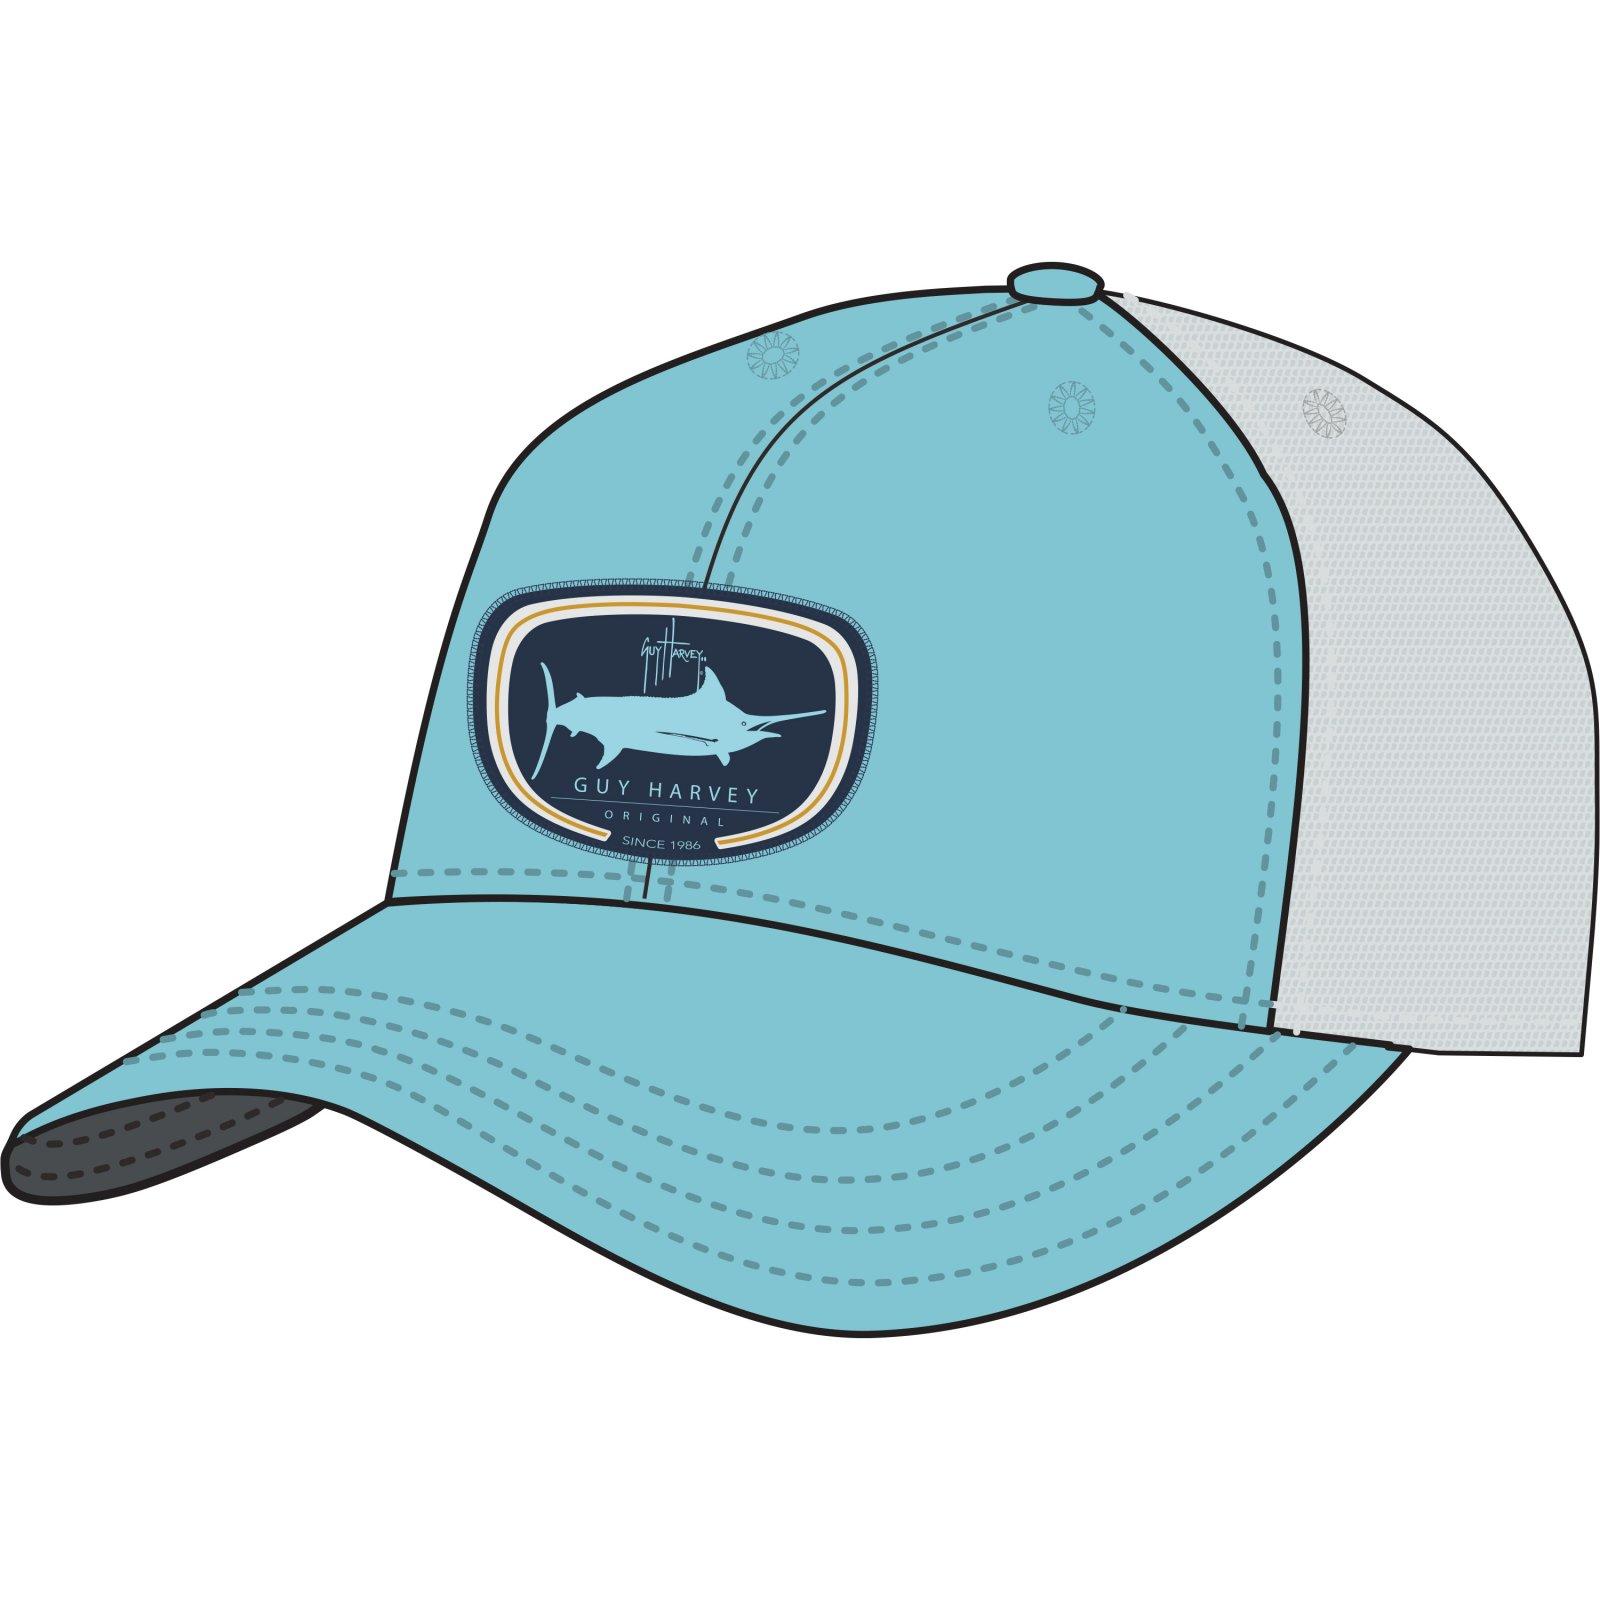 5d9c11d9be669 Guy Harvey Impi Trucker Hat Topaz